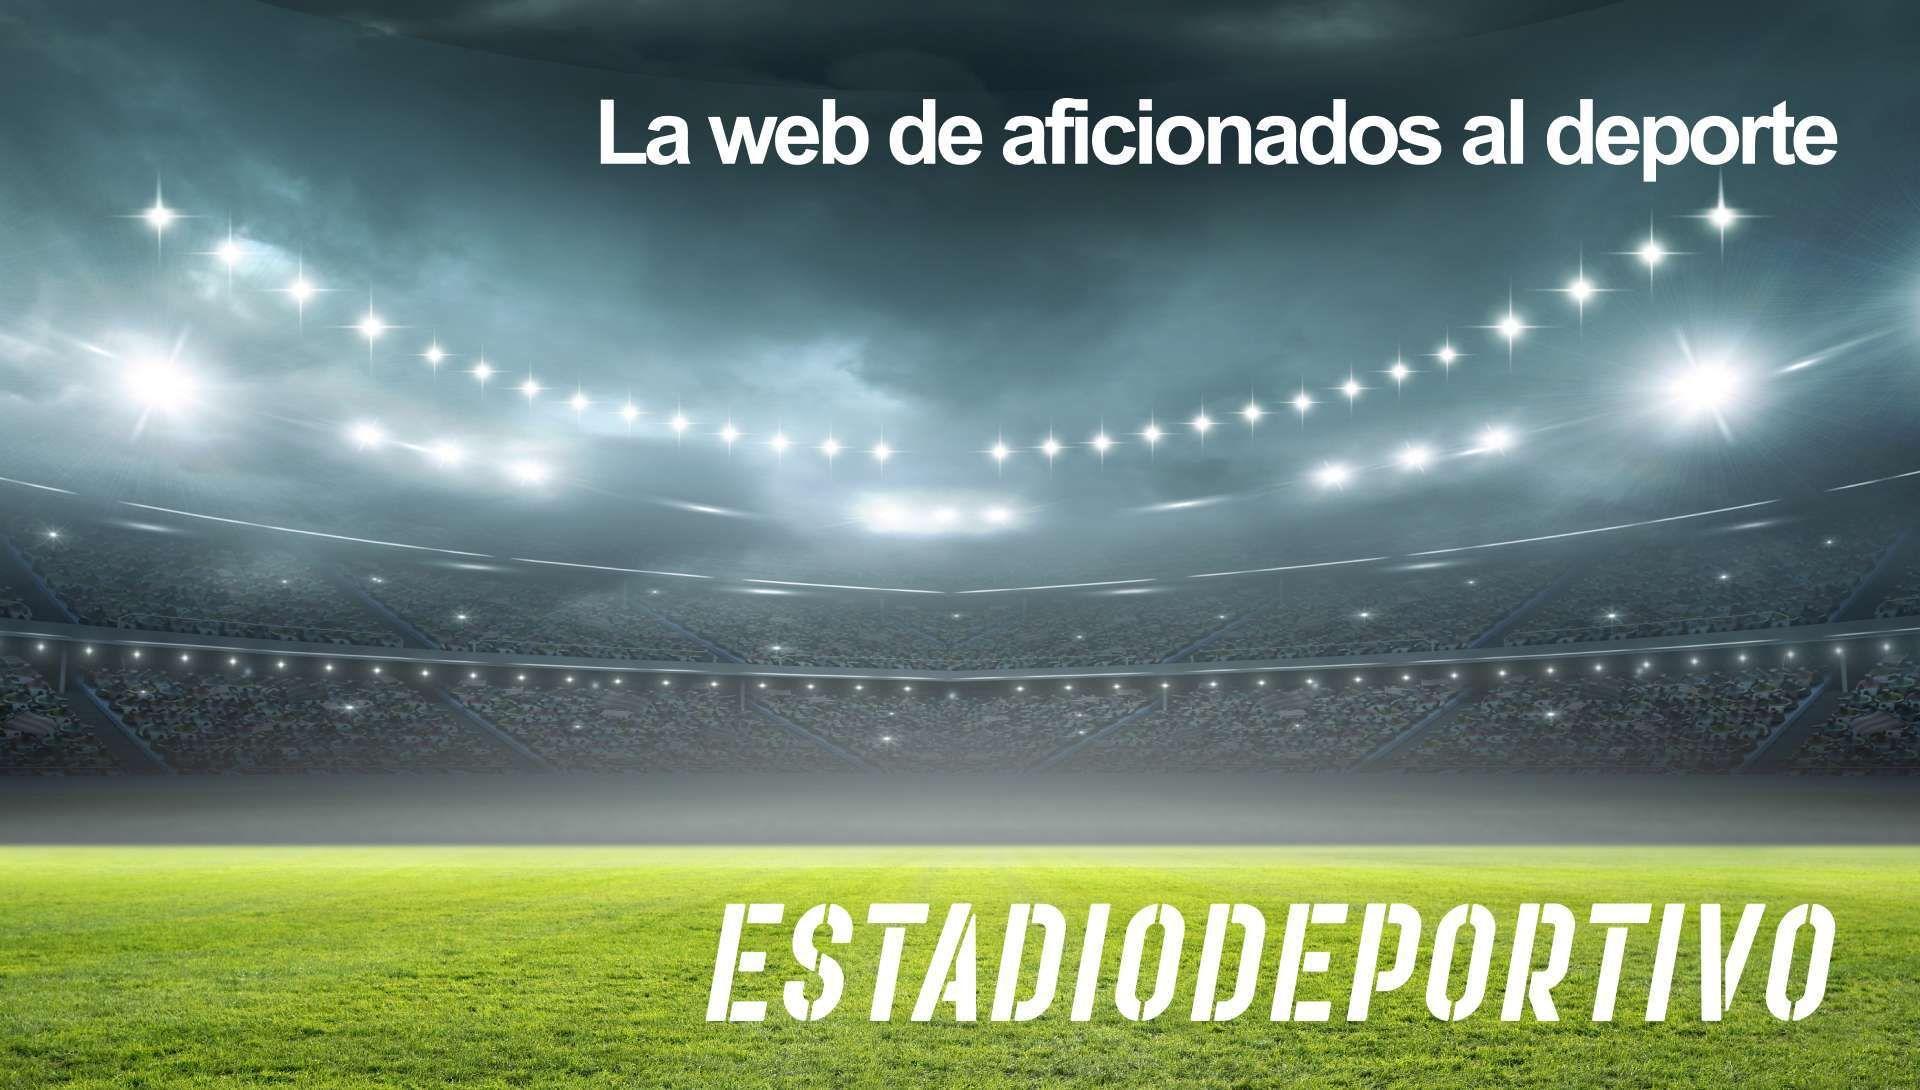 Las portadas del domingo 9 de mayo